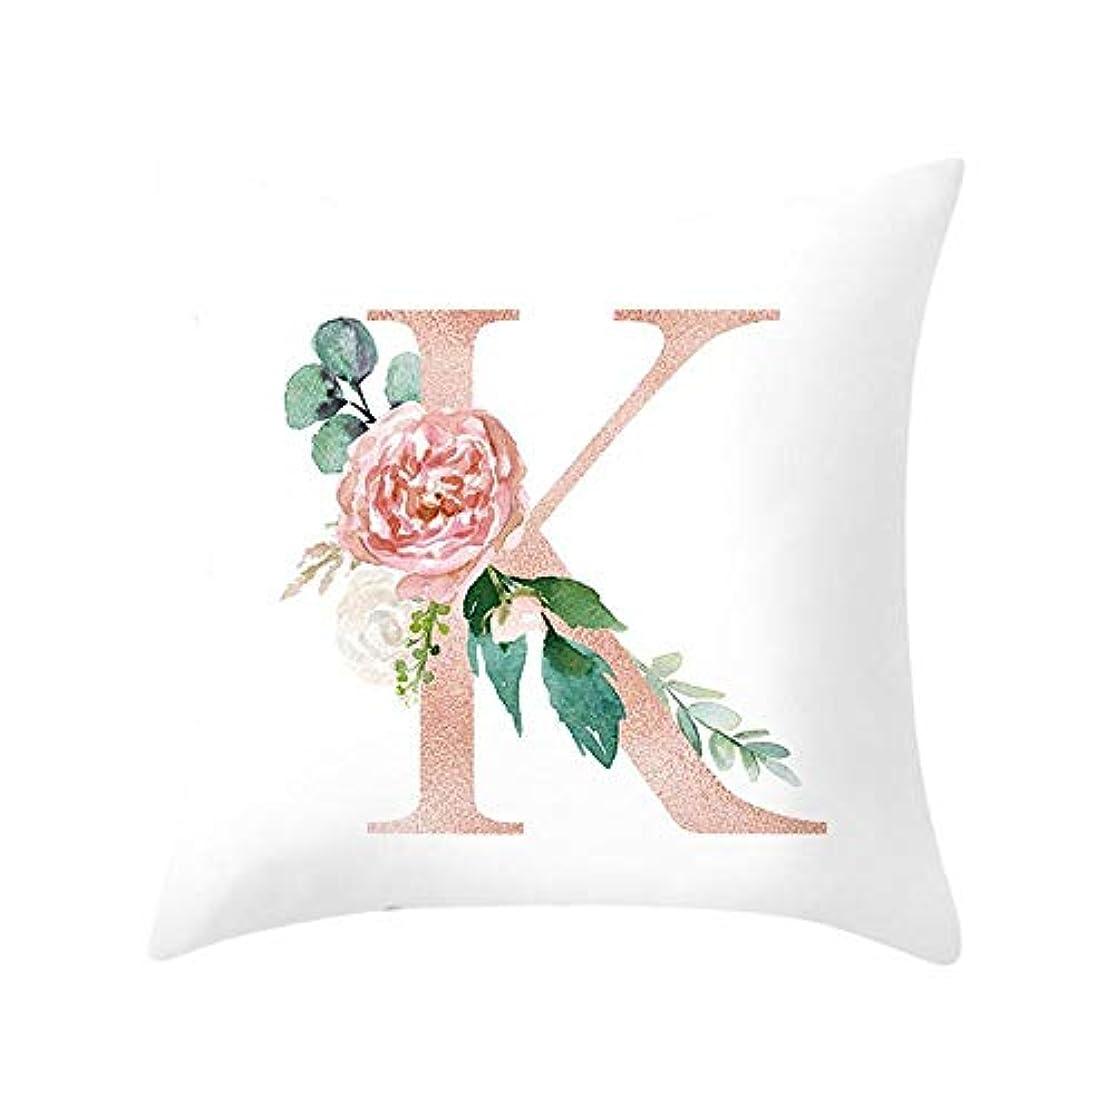 シャッフル特異な一貫性のないLIFE 装飾クッションソファ手紙枕アルファベットクッション印刷ソファ家の装飾の花枕 coussin decoratif クッション 椅子